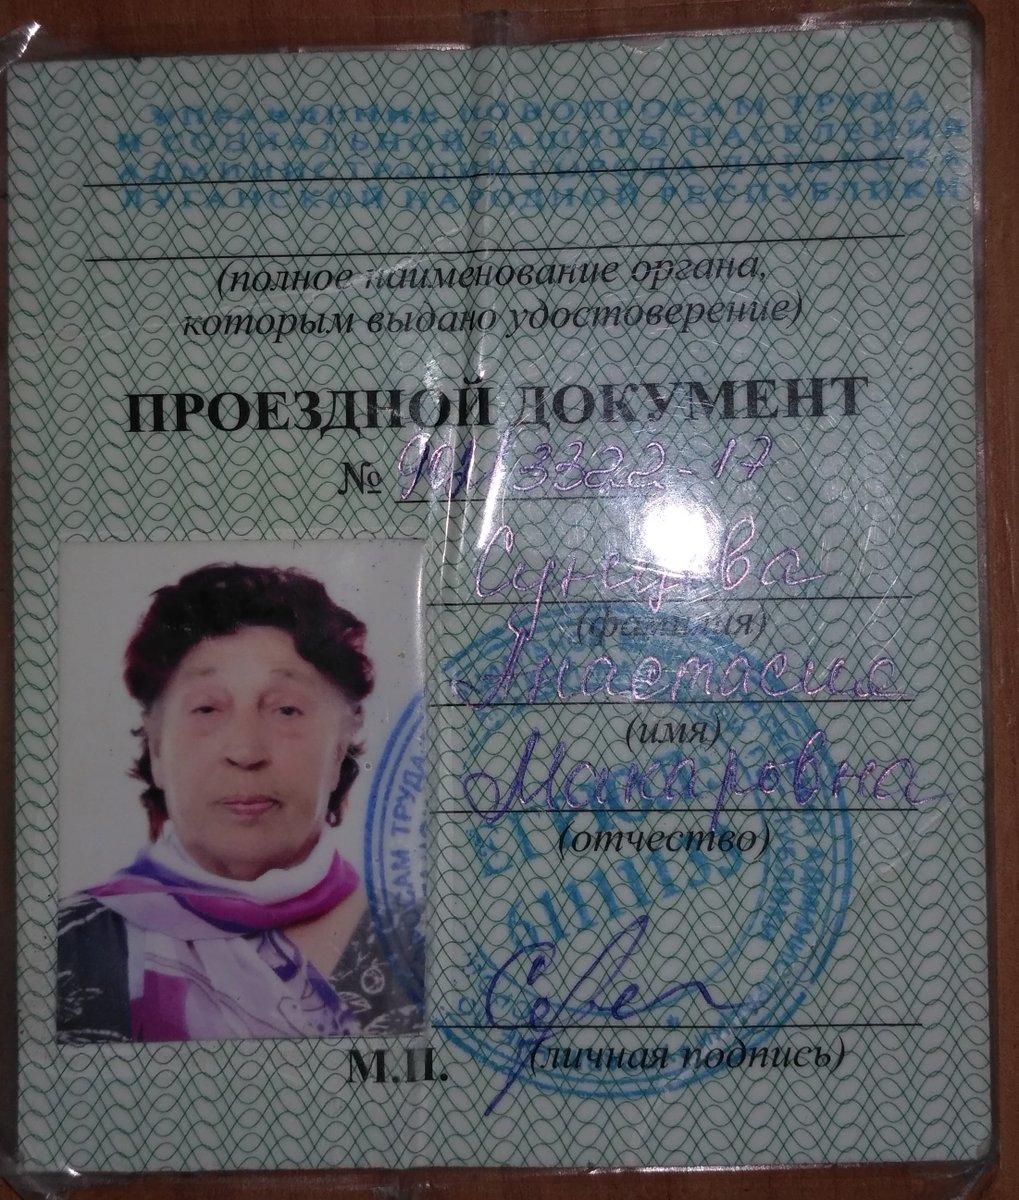 Проездной документ на ребенка фото